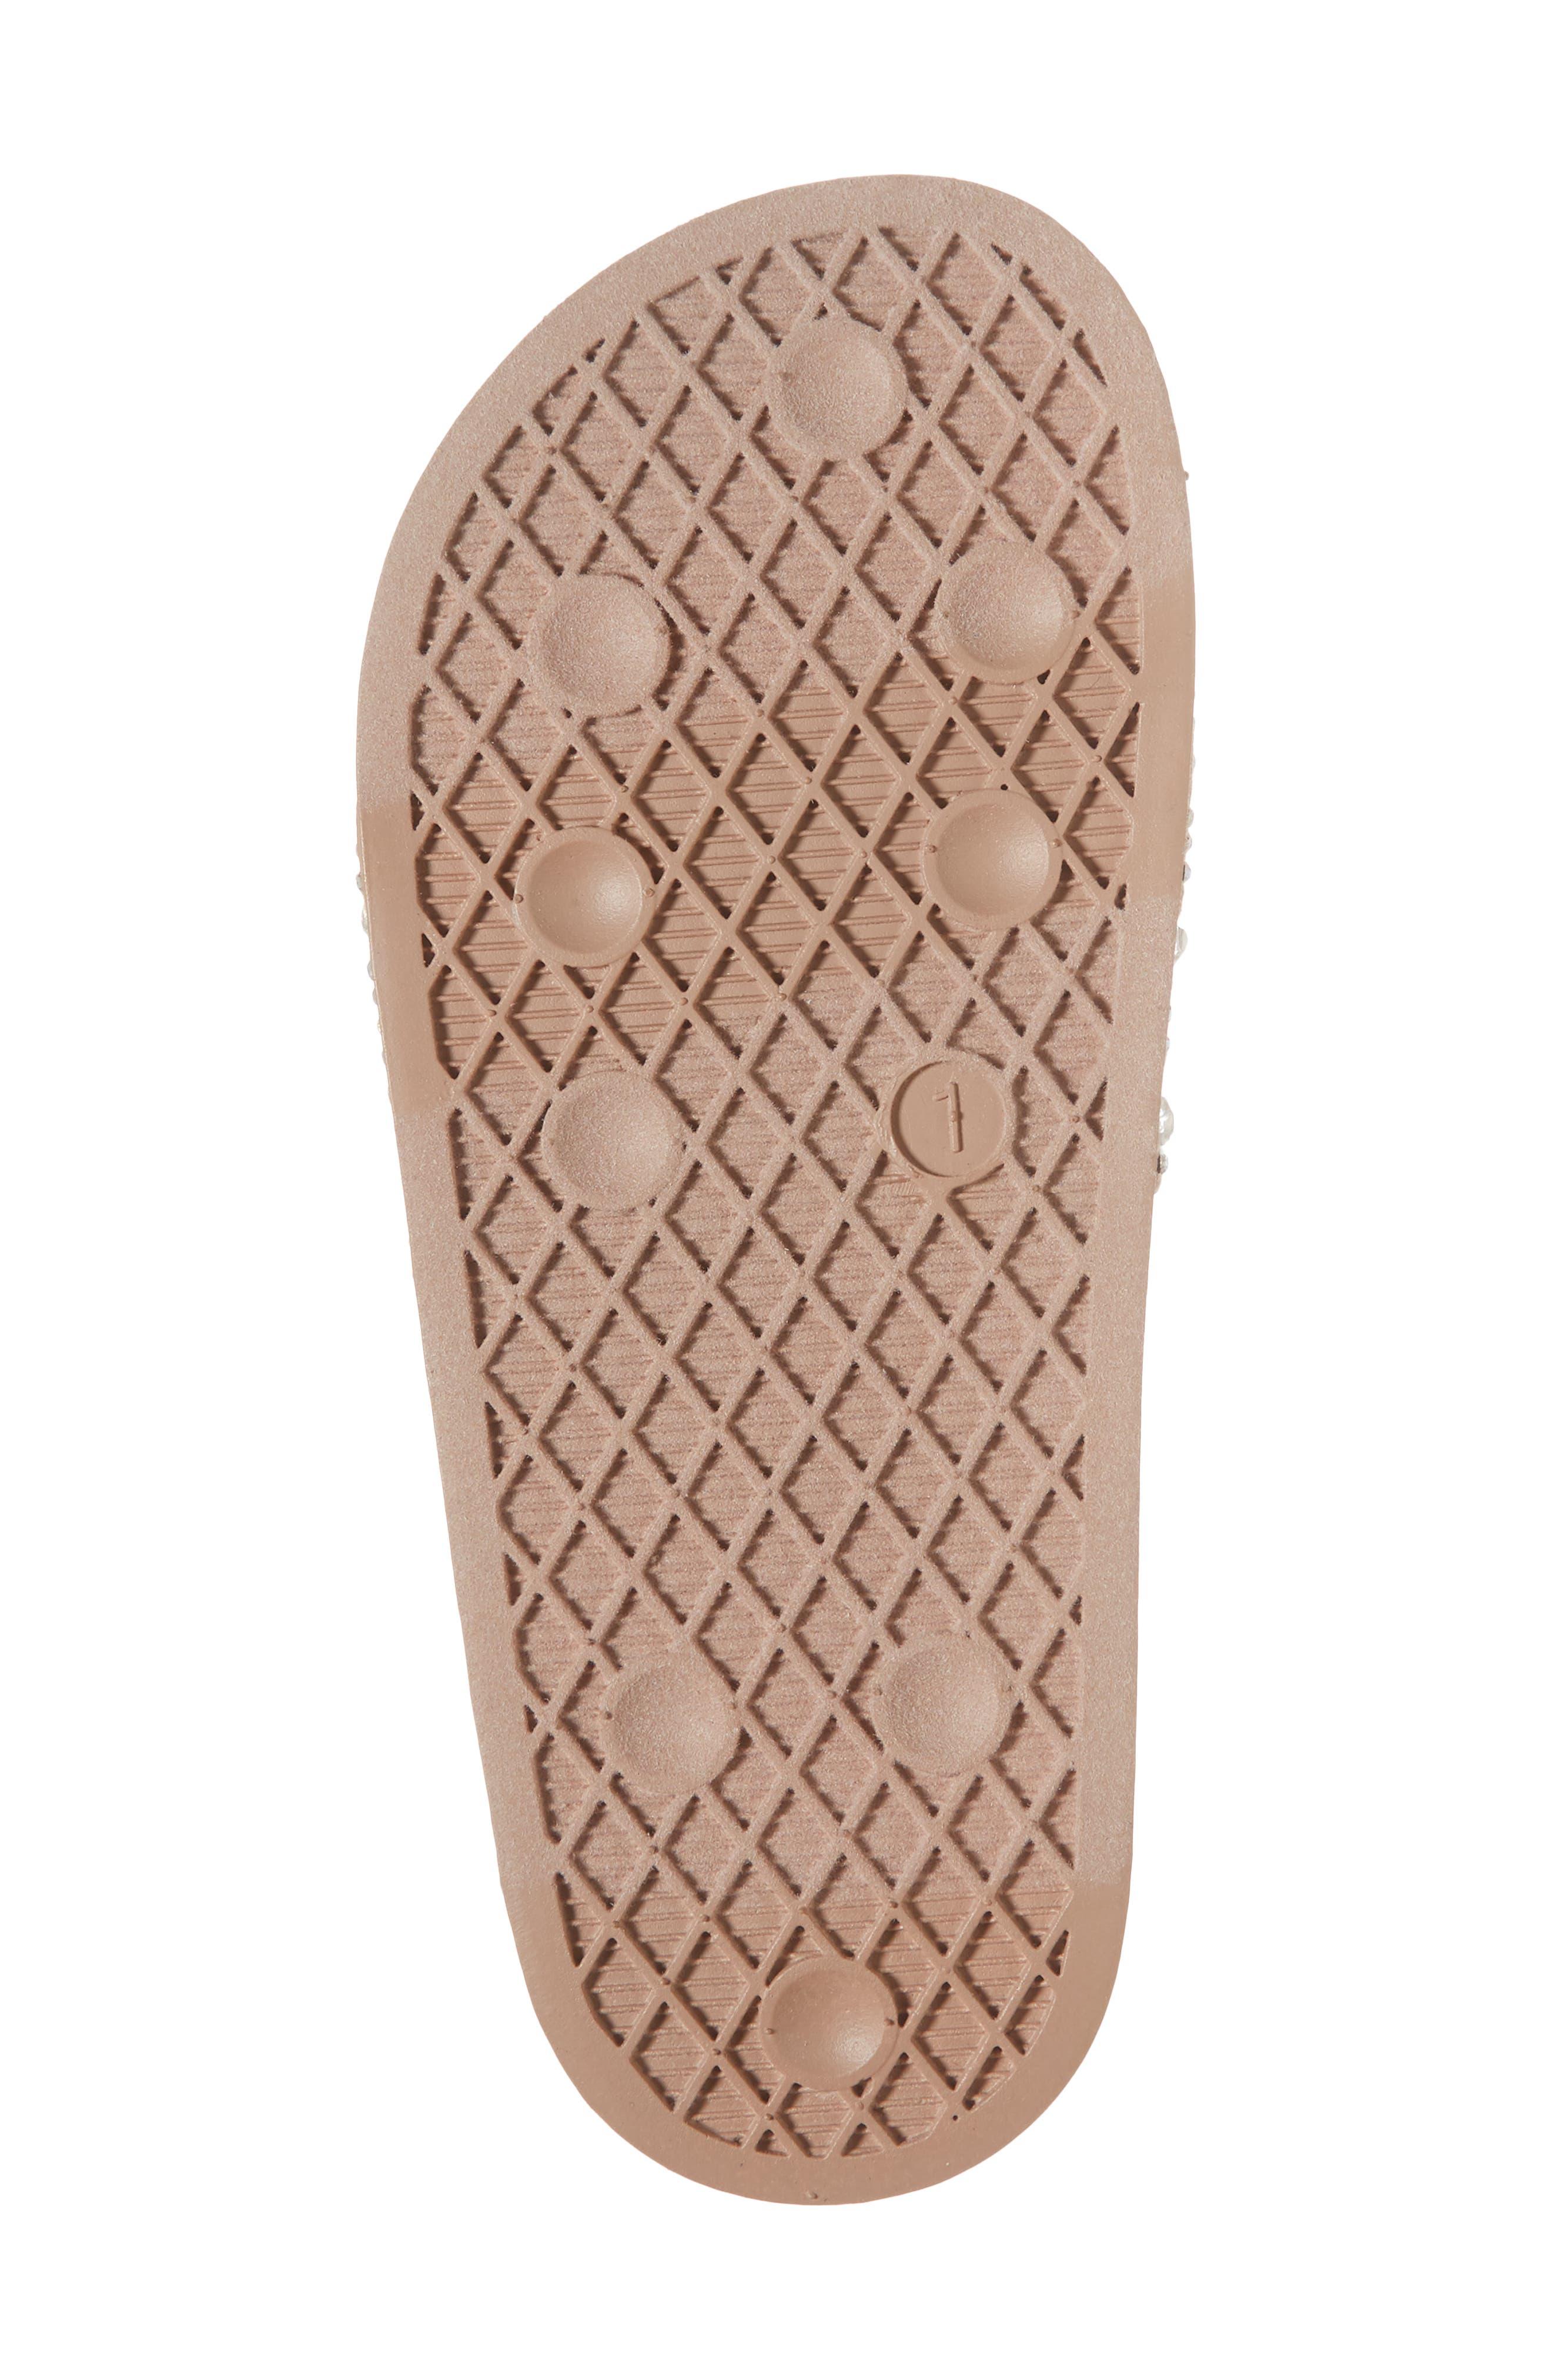 JDAZZLE Crystal Embellished Slide Sandal,                             Alternate thumbnail 6, color,                             675